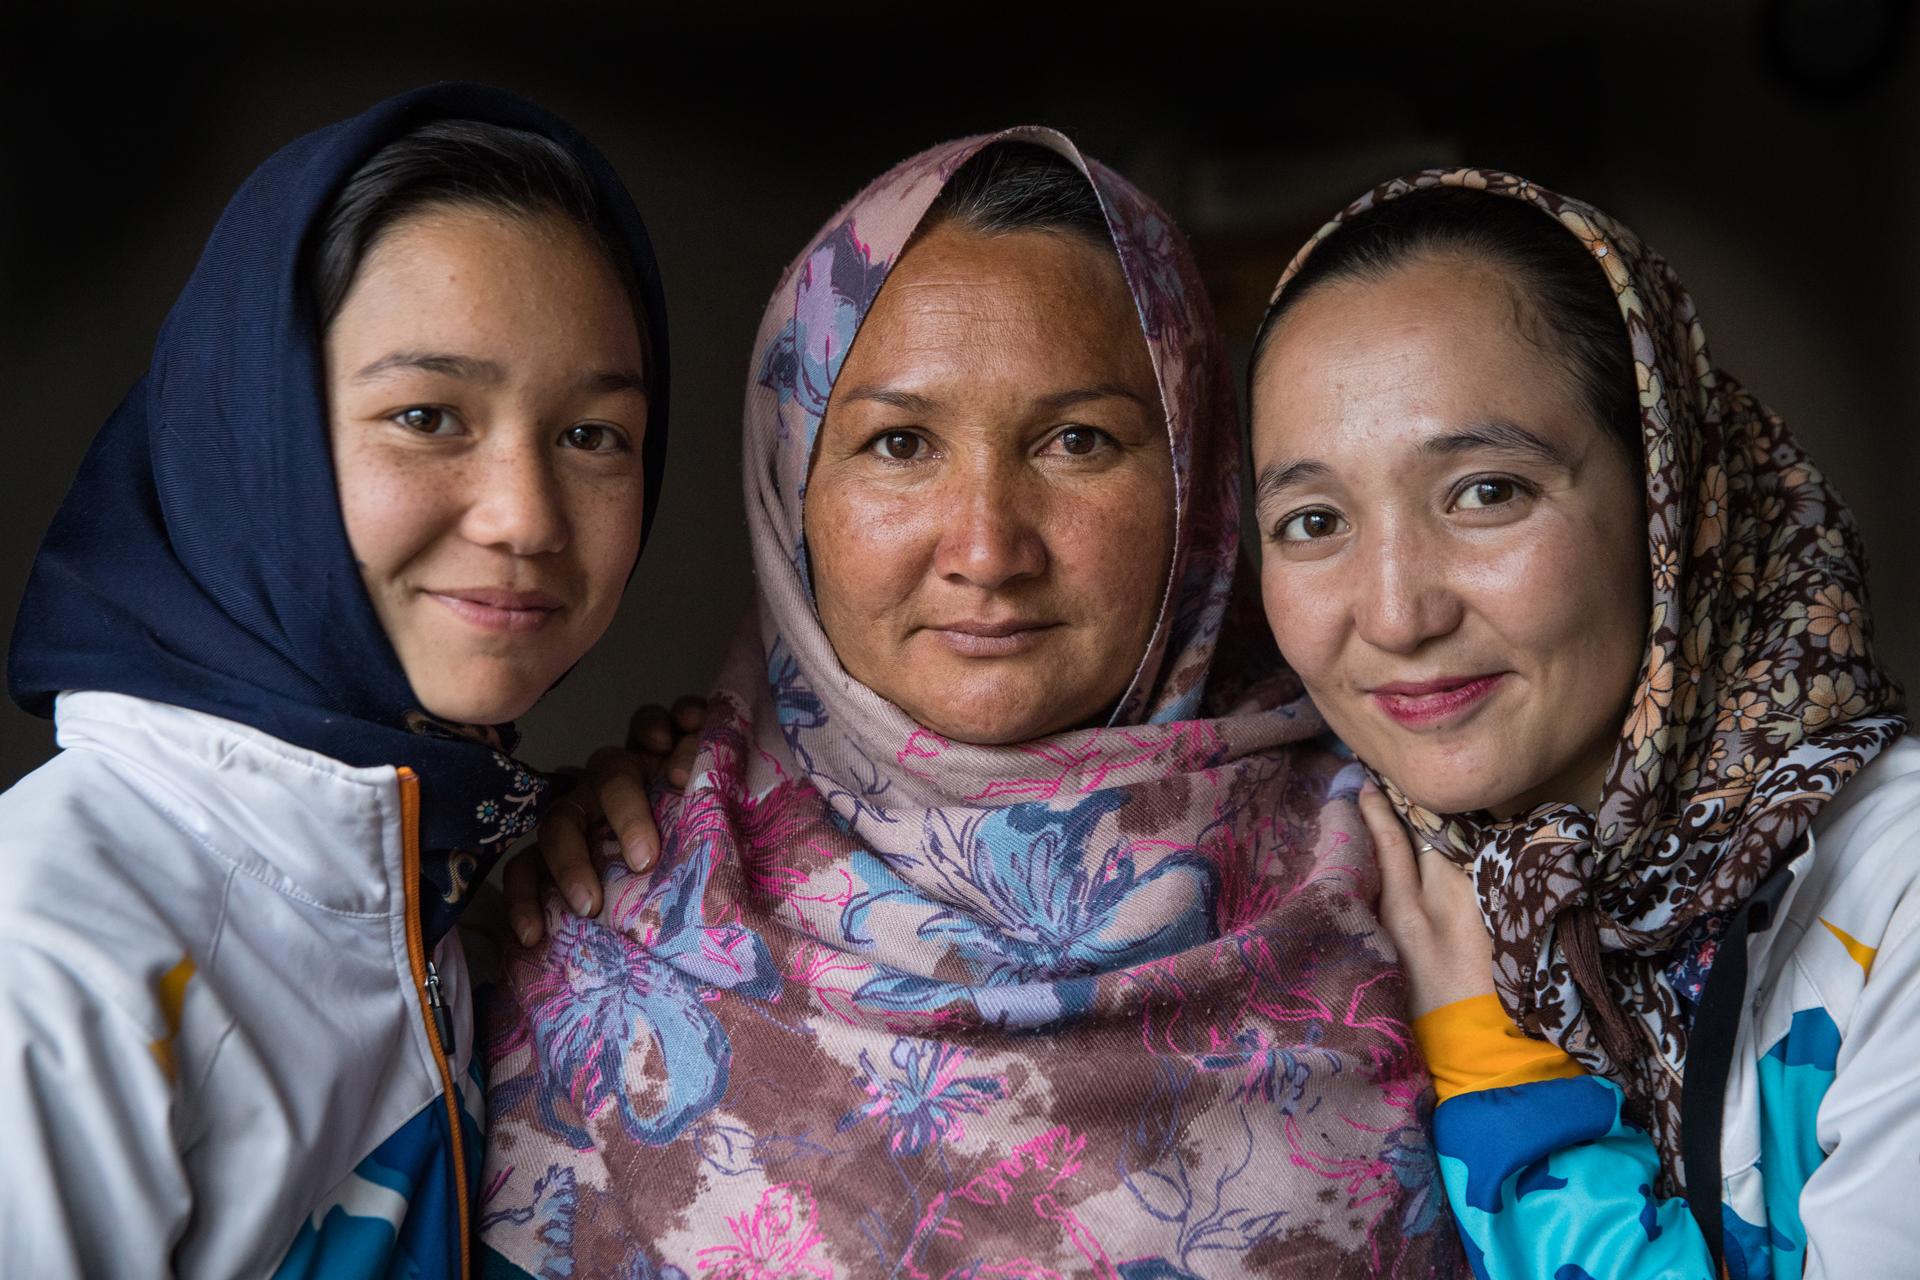 Reihana, de 14 años, Masuma Mohammad (su madre) y Zakia Mohammadhi, 23, (su entrenadora). Masuna ha apoyado mucho a sus hijas involucradas en el ciclismo y ellas se han convertido en miembros del equipo ciclista femenino de Bamiyan, el primer equipo oficial fuera de Kabul. (Paula Bronstein)